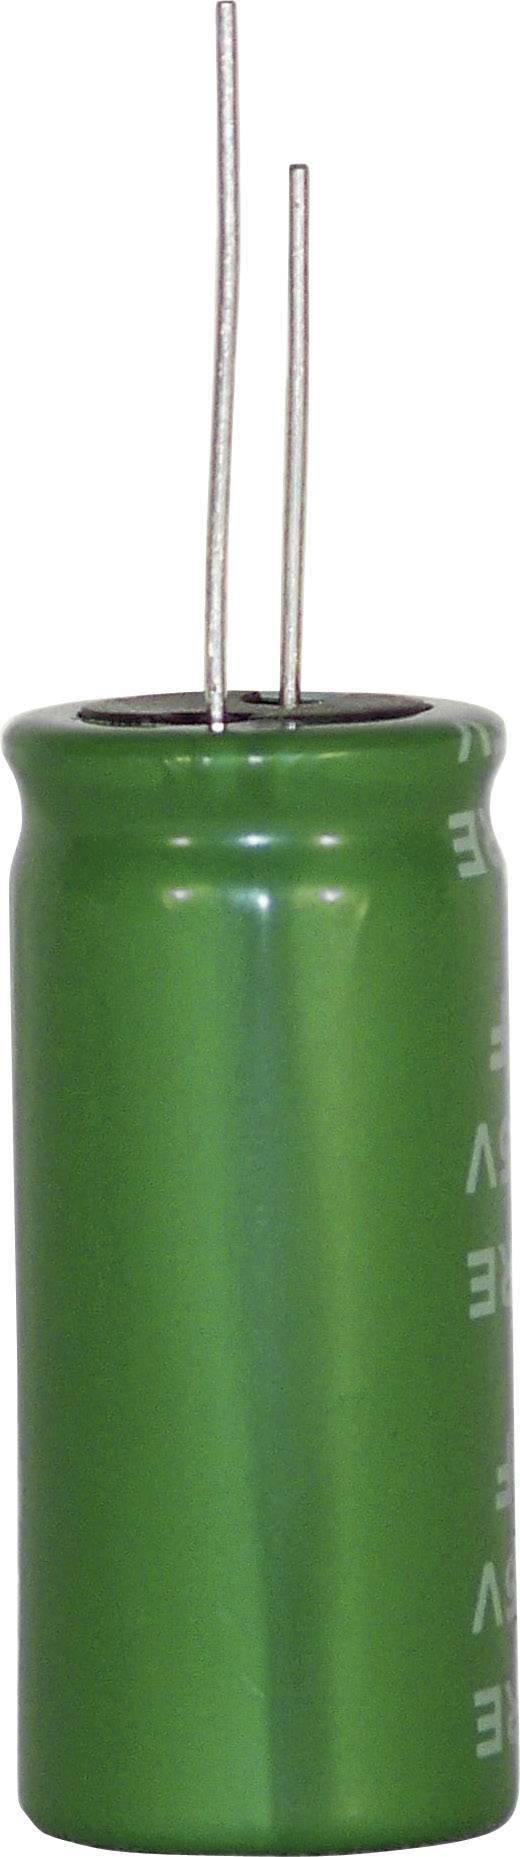 Kondenzátor elektrolytický 2-vrstvový DRC226S03G30RR, 22 F, 2,3 V, 20 %, 20 x 12,5 mm